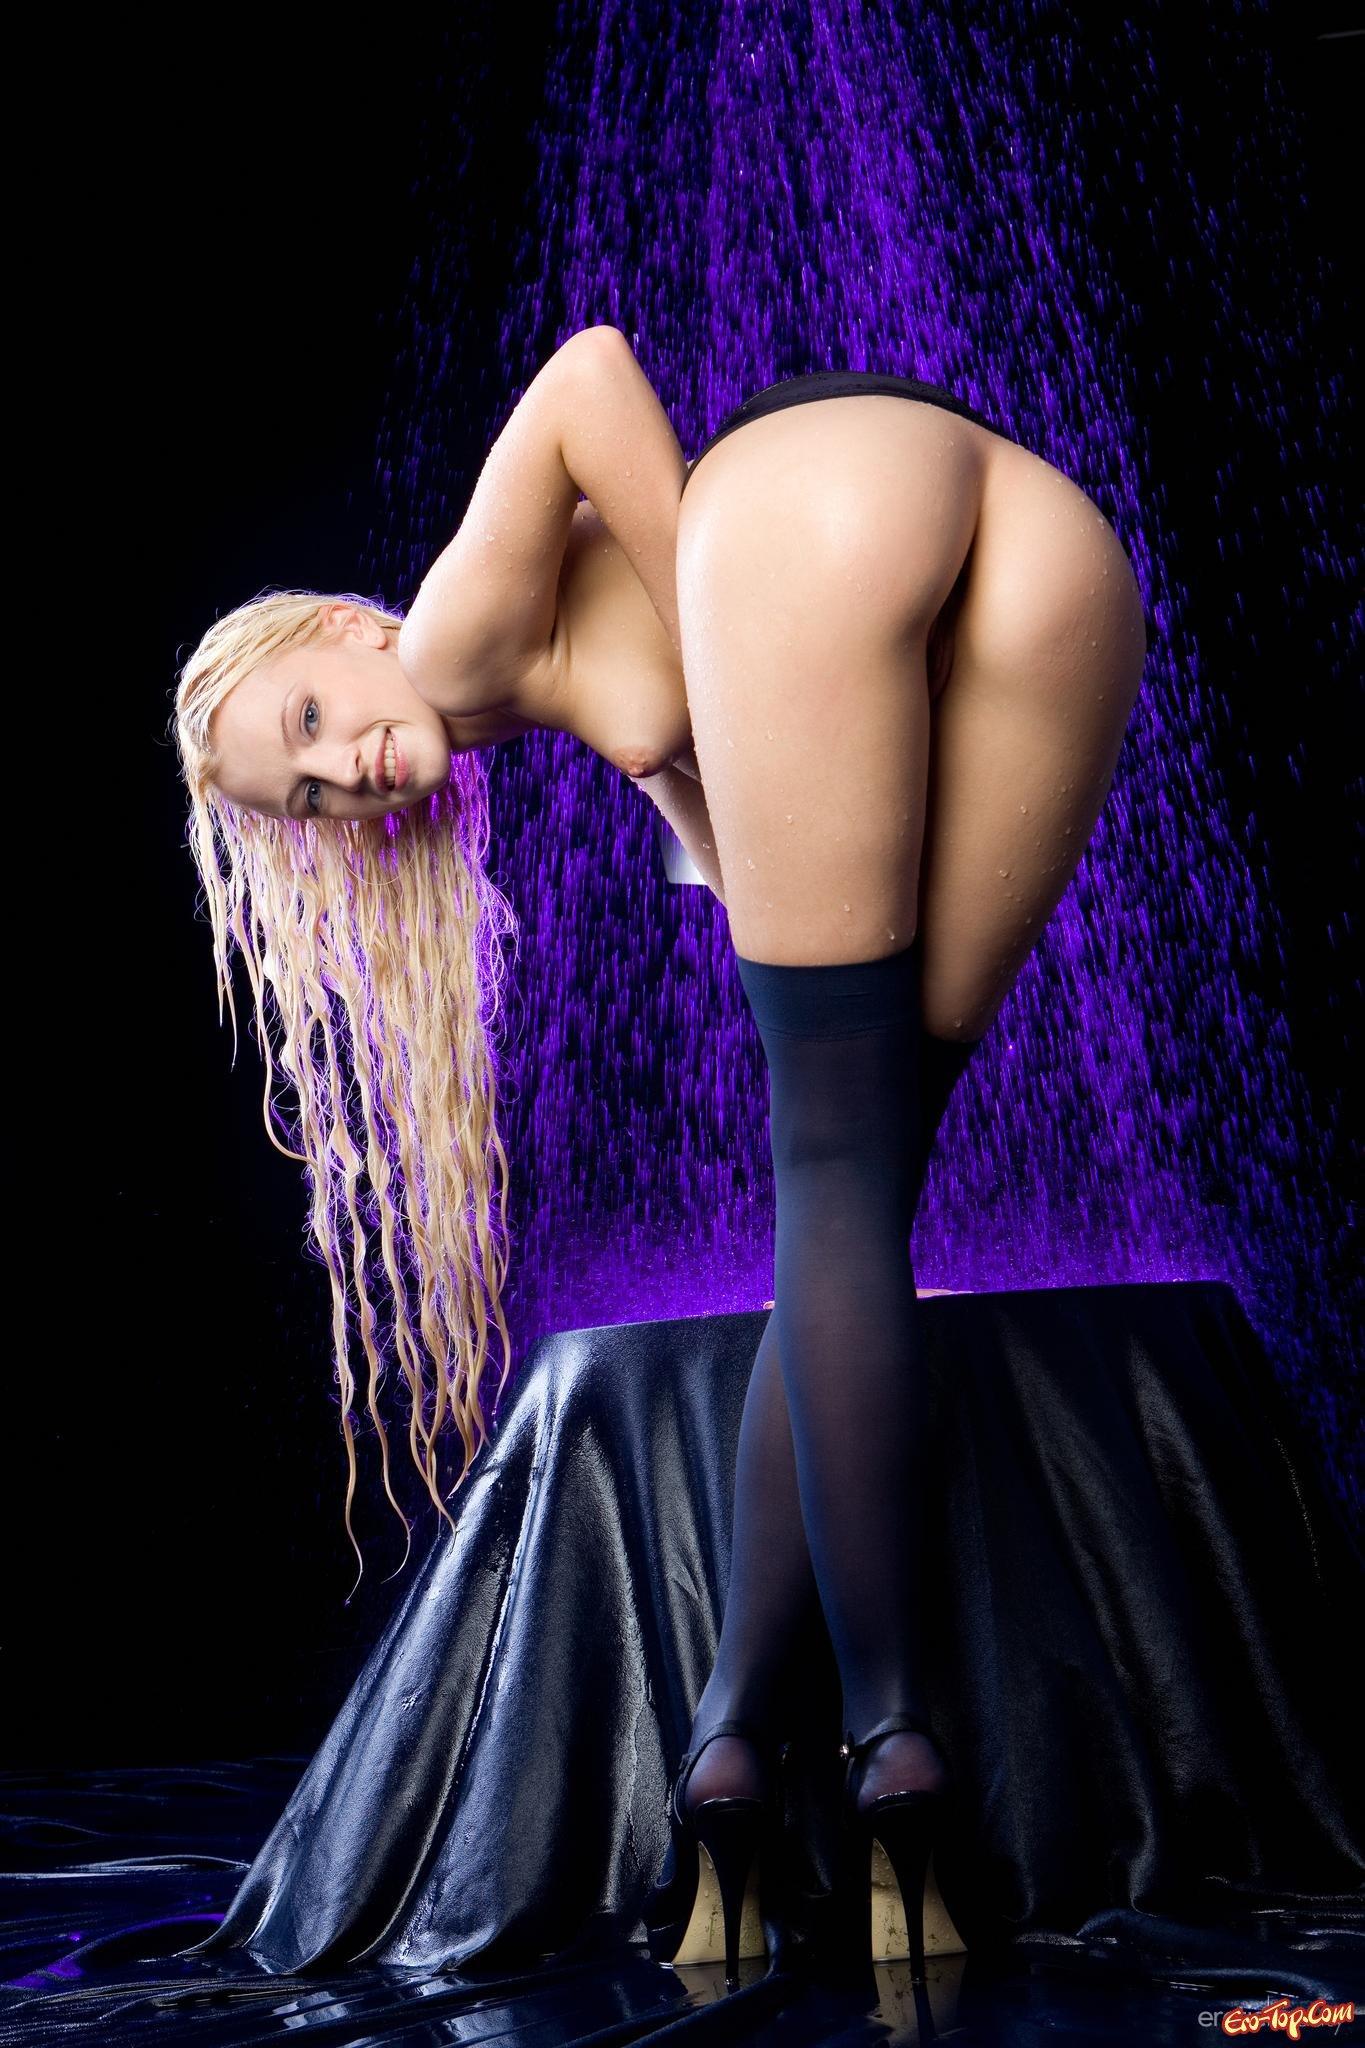 Сырая блондинка в чулочках